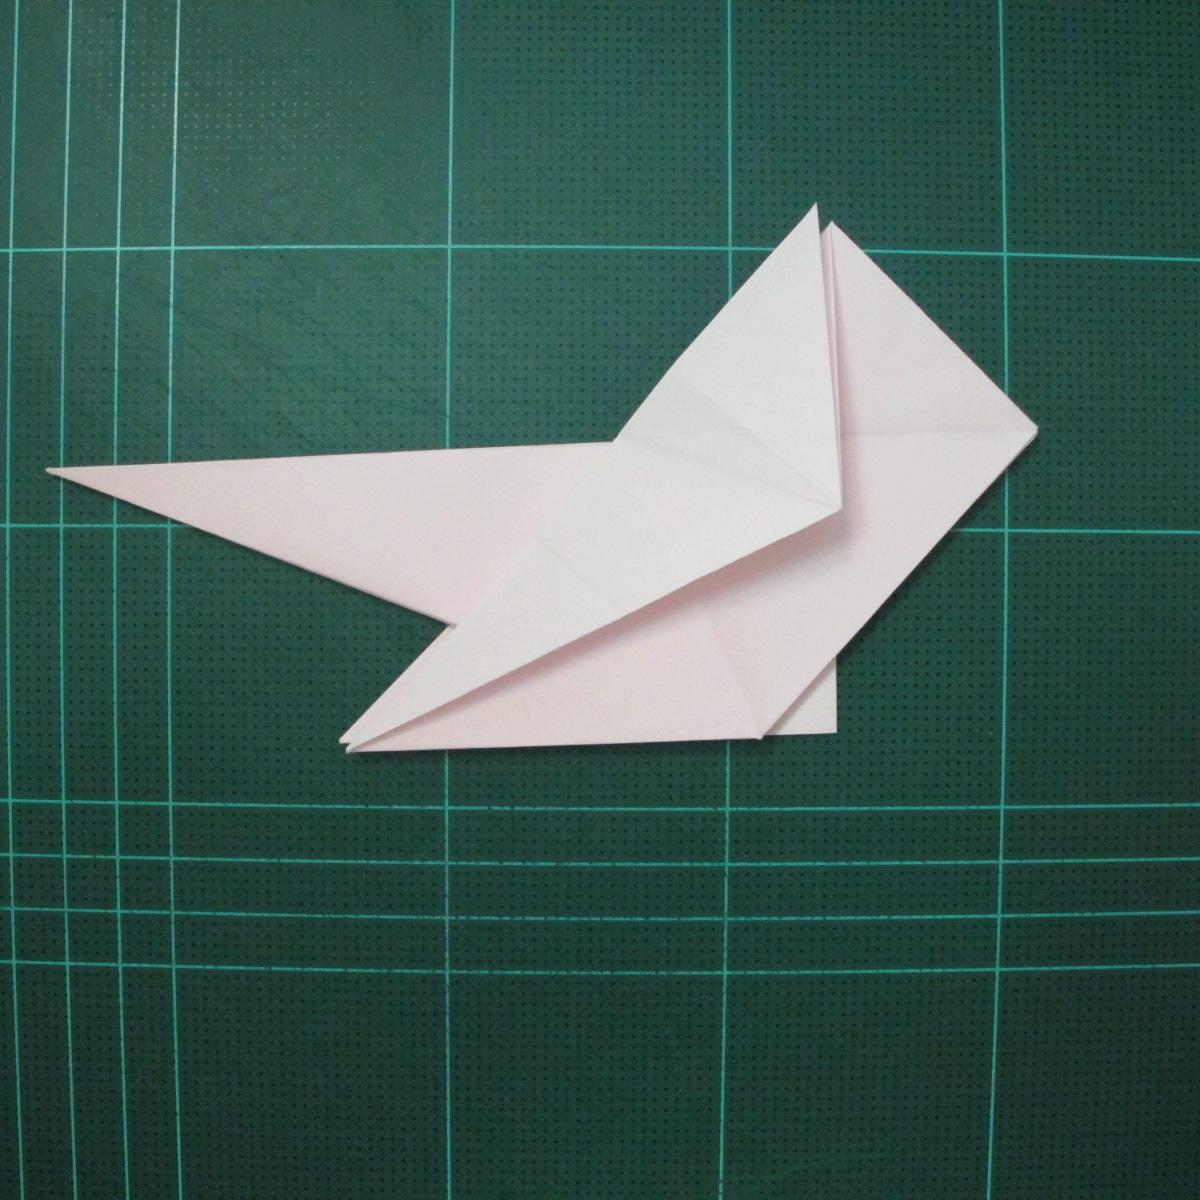 การพับกระดาษเป็นไดโนเสาร์ทีเร็กซ์ (Origami Tyrannosaurus Rex) 017